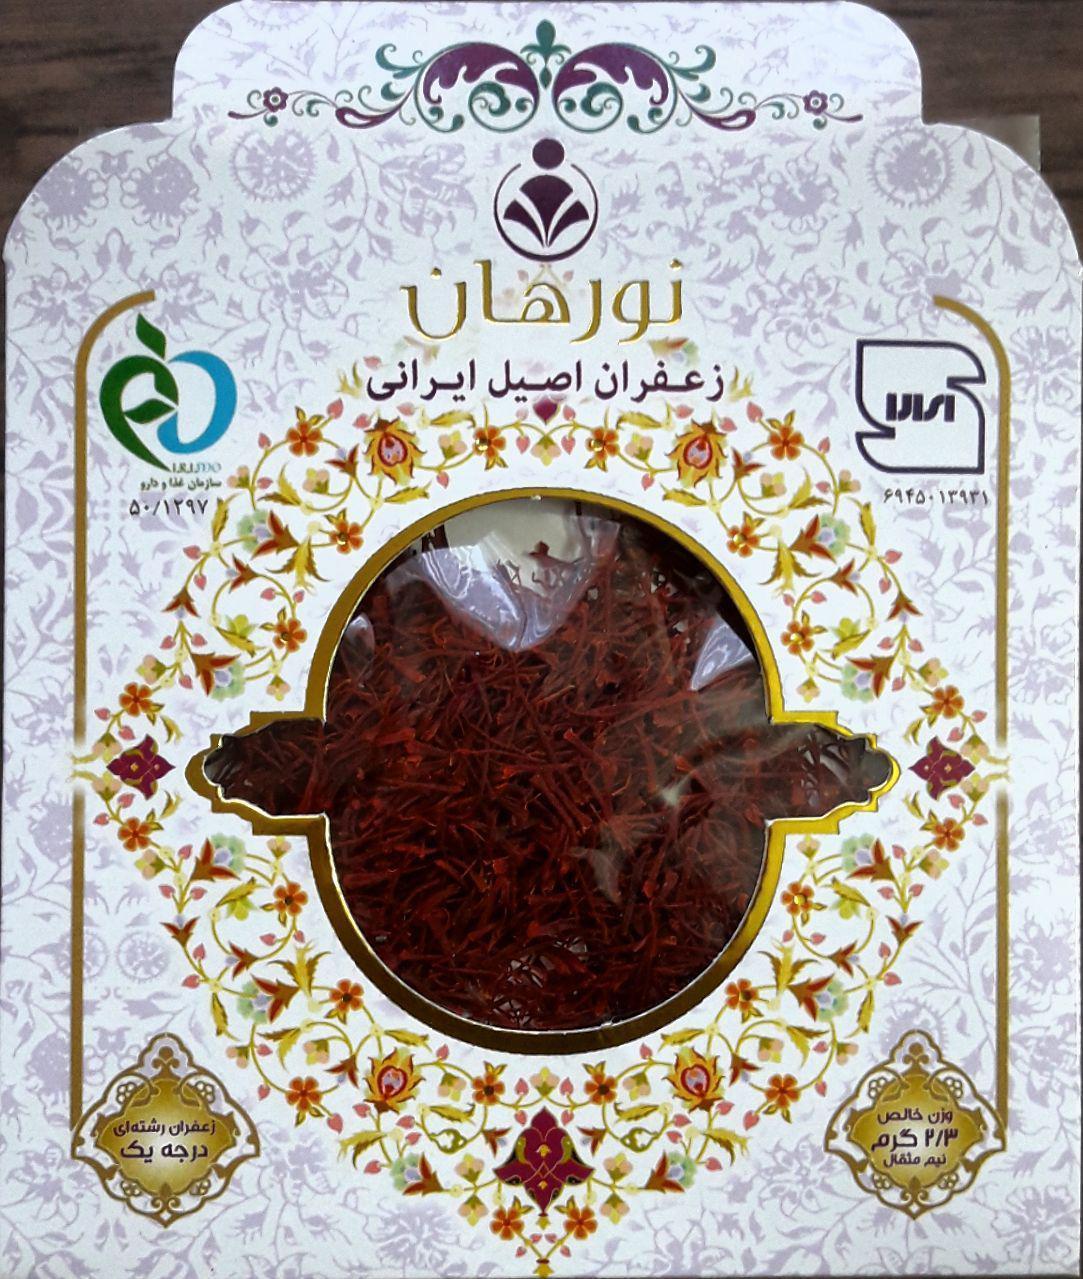 نشان استاندارد و سیب سلامت زعفران نورهان